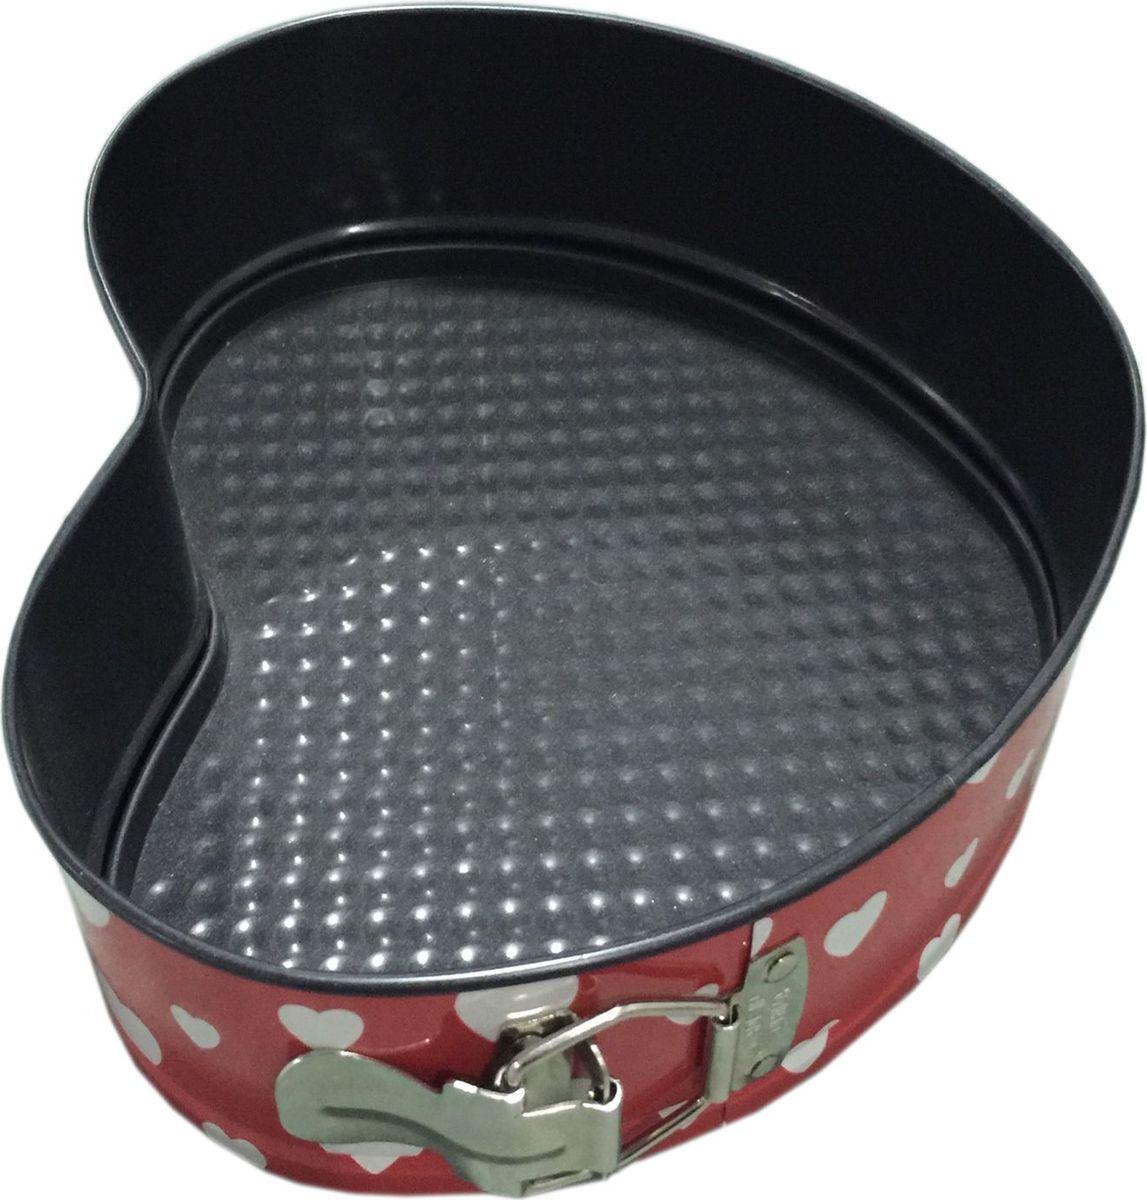 Форма для выпечки Irit, цвет: черный, 23,5 х 20,5 х 6,8 смIRH-925Форма для выпечки в виде сердца изготовлена из листового железа. Стойкое к истиранию антипригарное покрытие. Подходит для использования в газовых и электрических духовках. Можно мыть в посудомоечной машине.